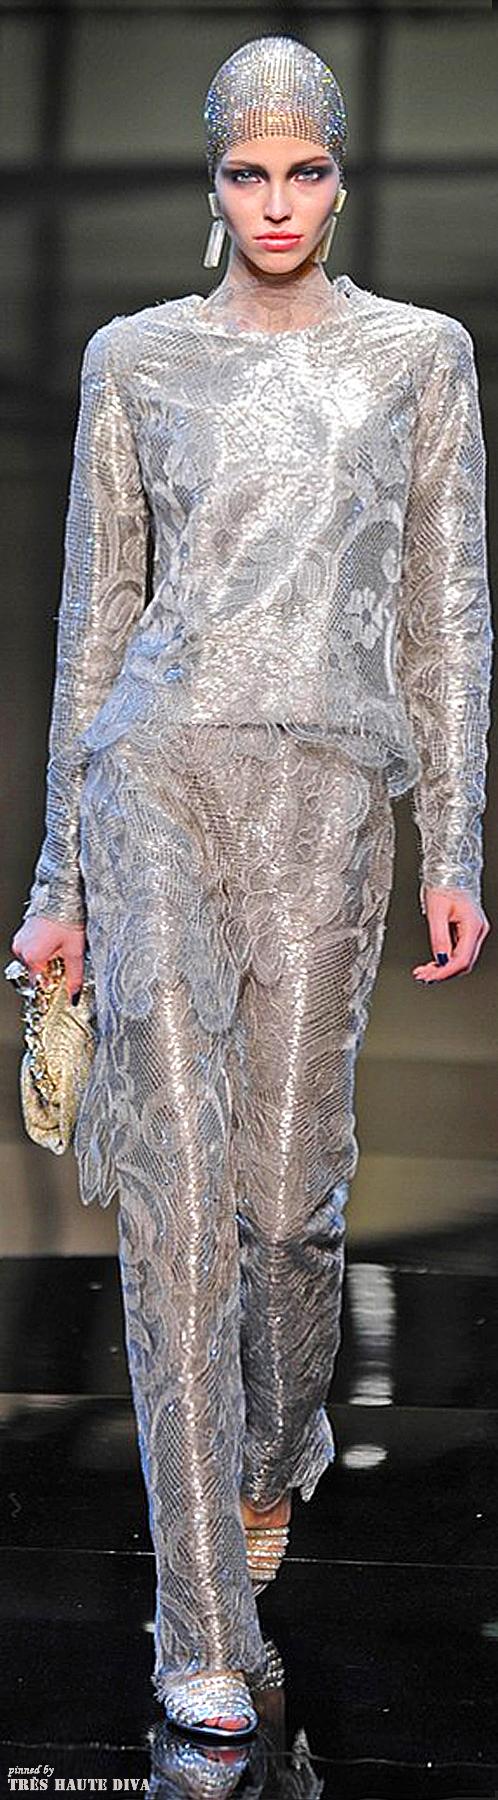 Giorgio Armani Privé Couture Spring 2014   The House of Beccaria~